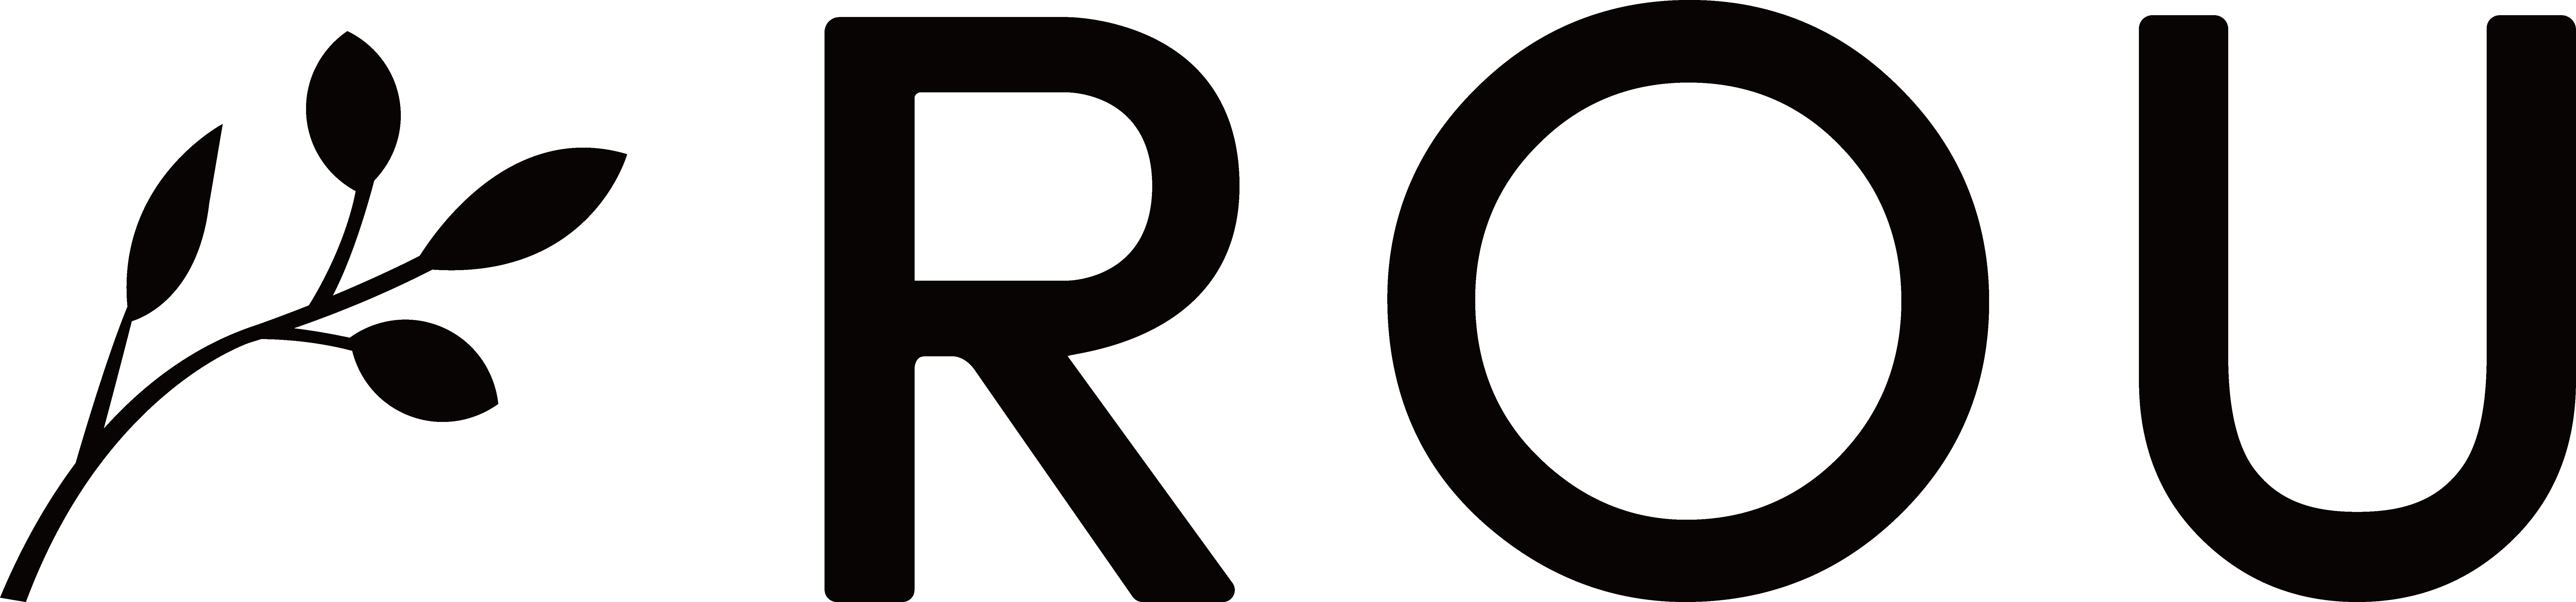 rou-logo2.0-bk.png